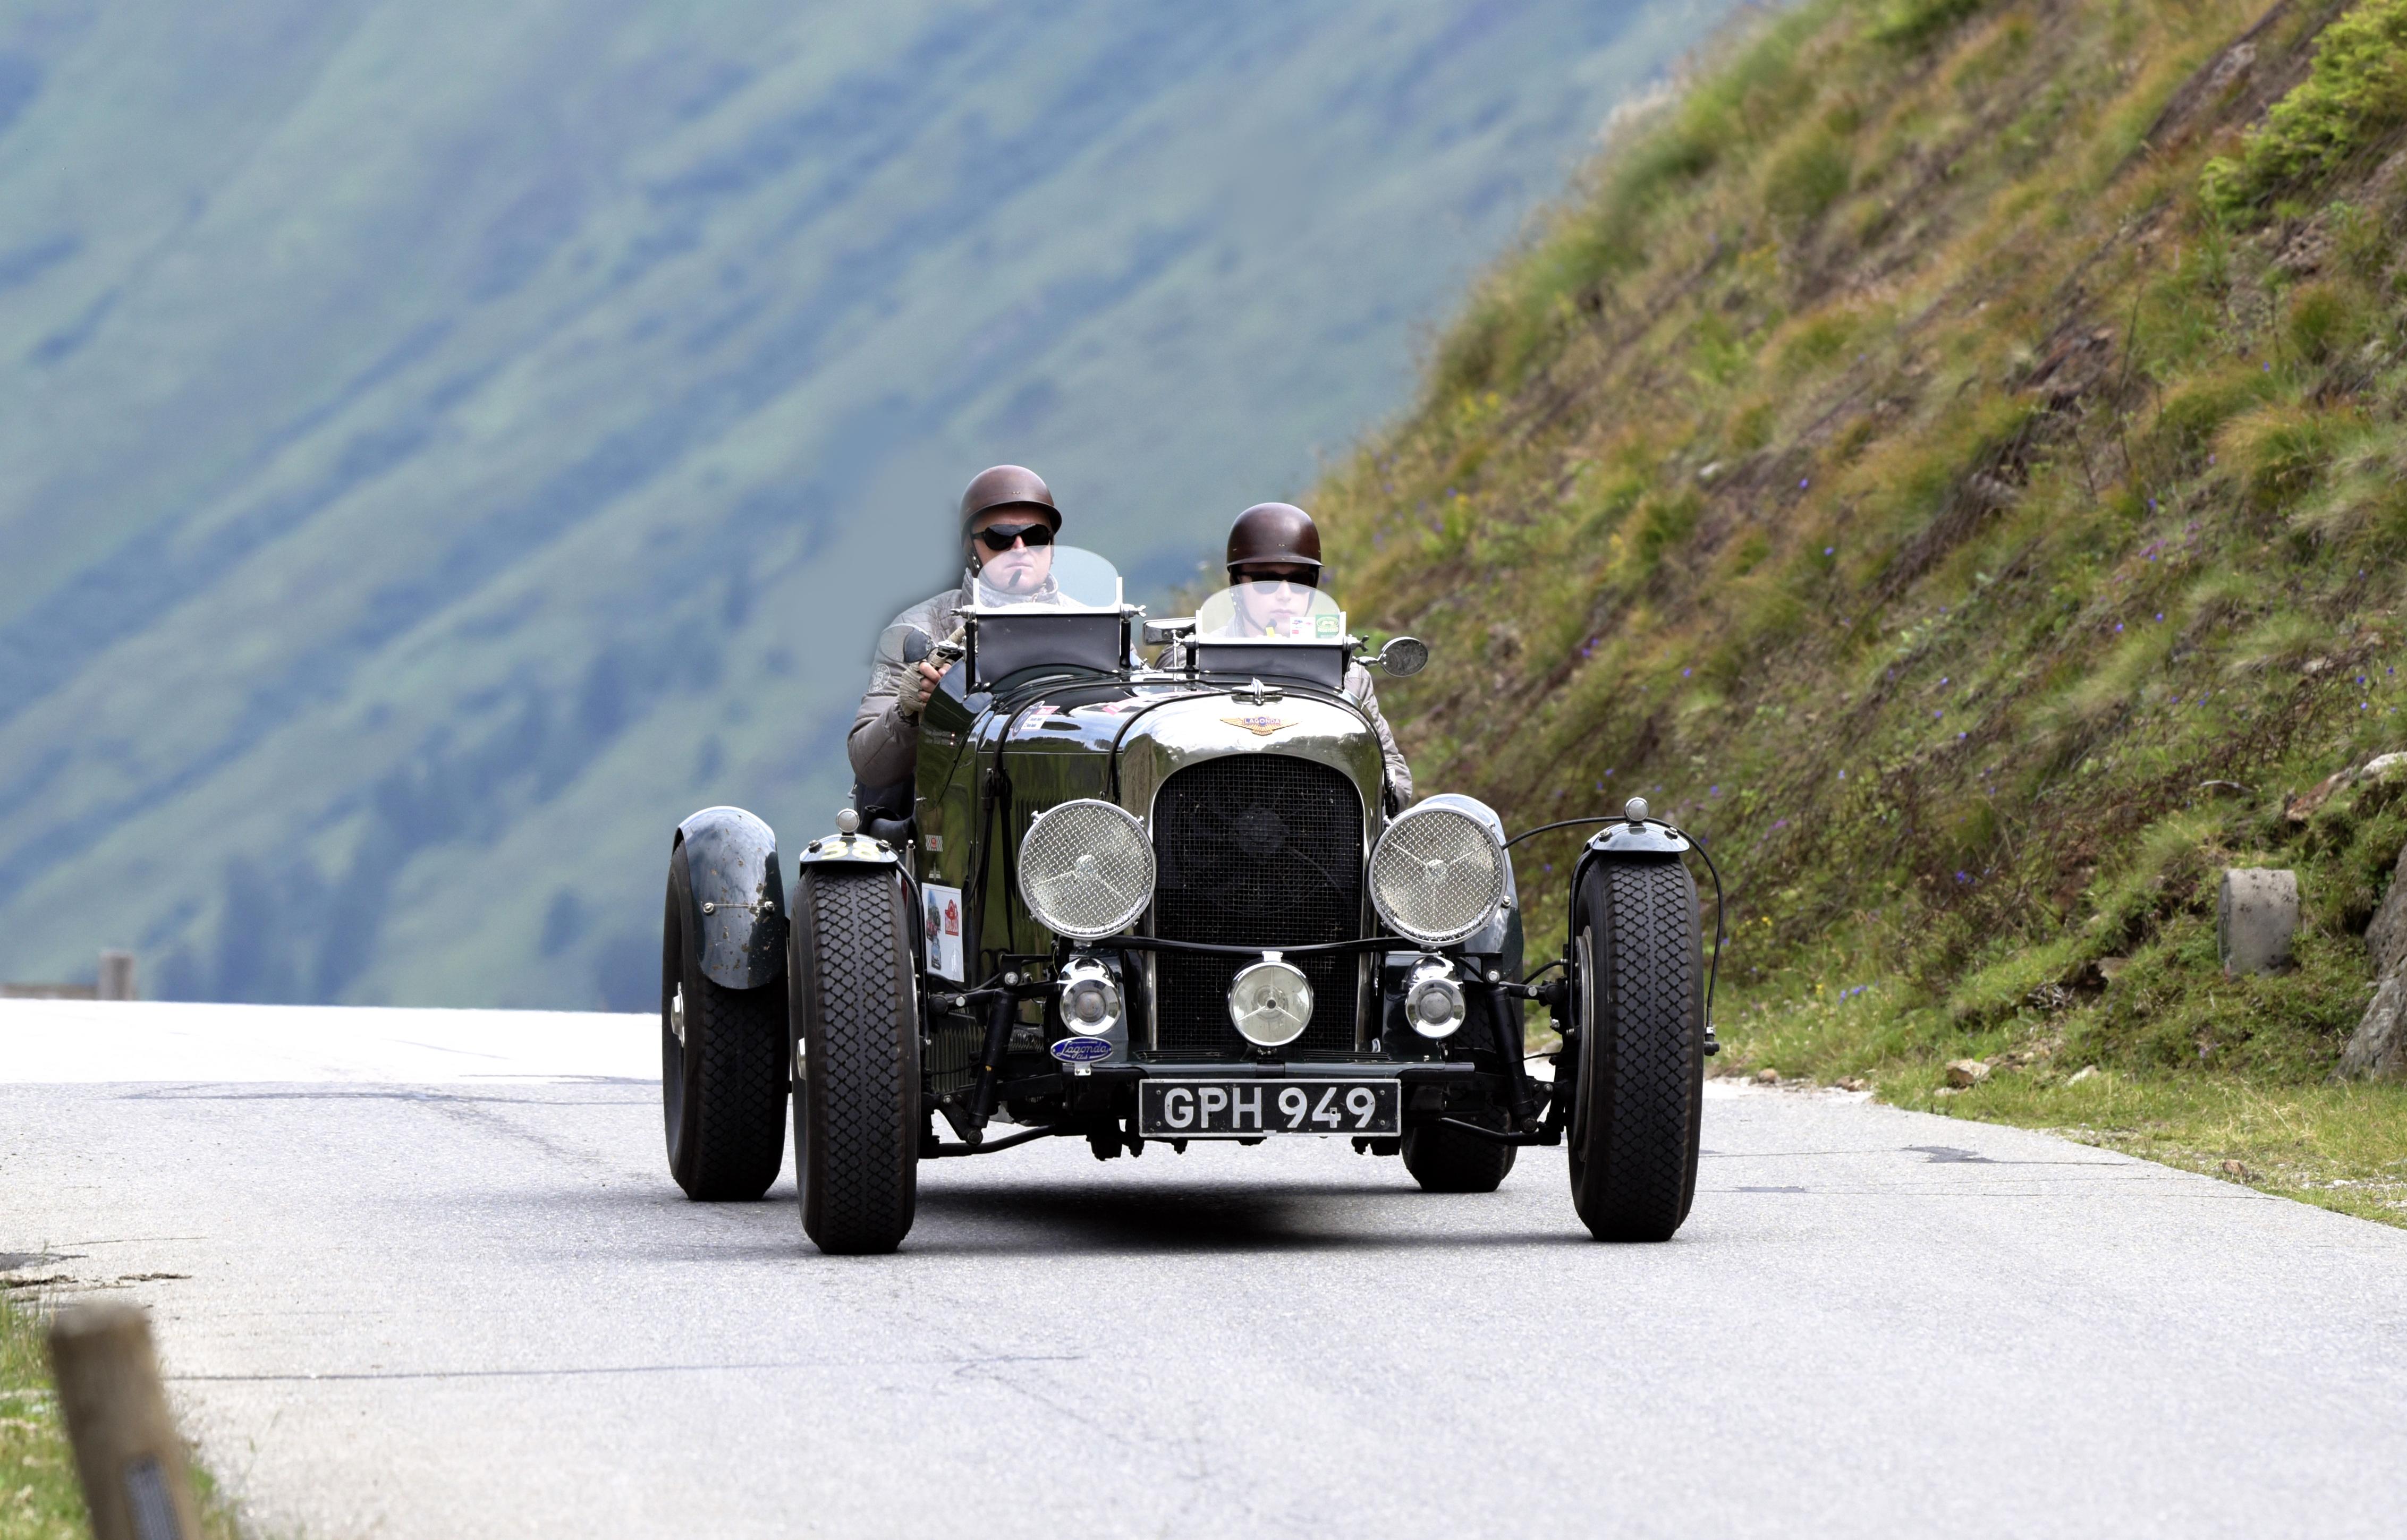 Deopitodeopito Gewinnen Die 25ennstal Classic 2017 Automagazinat